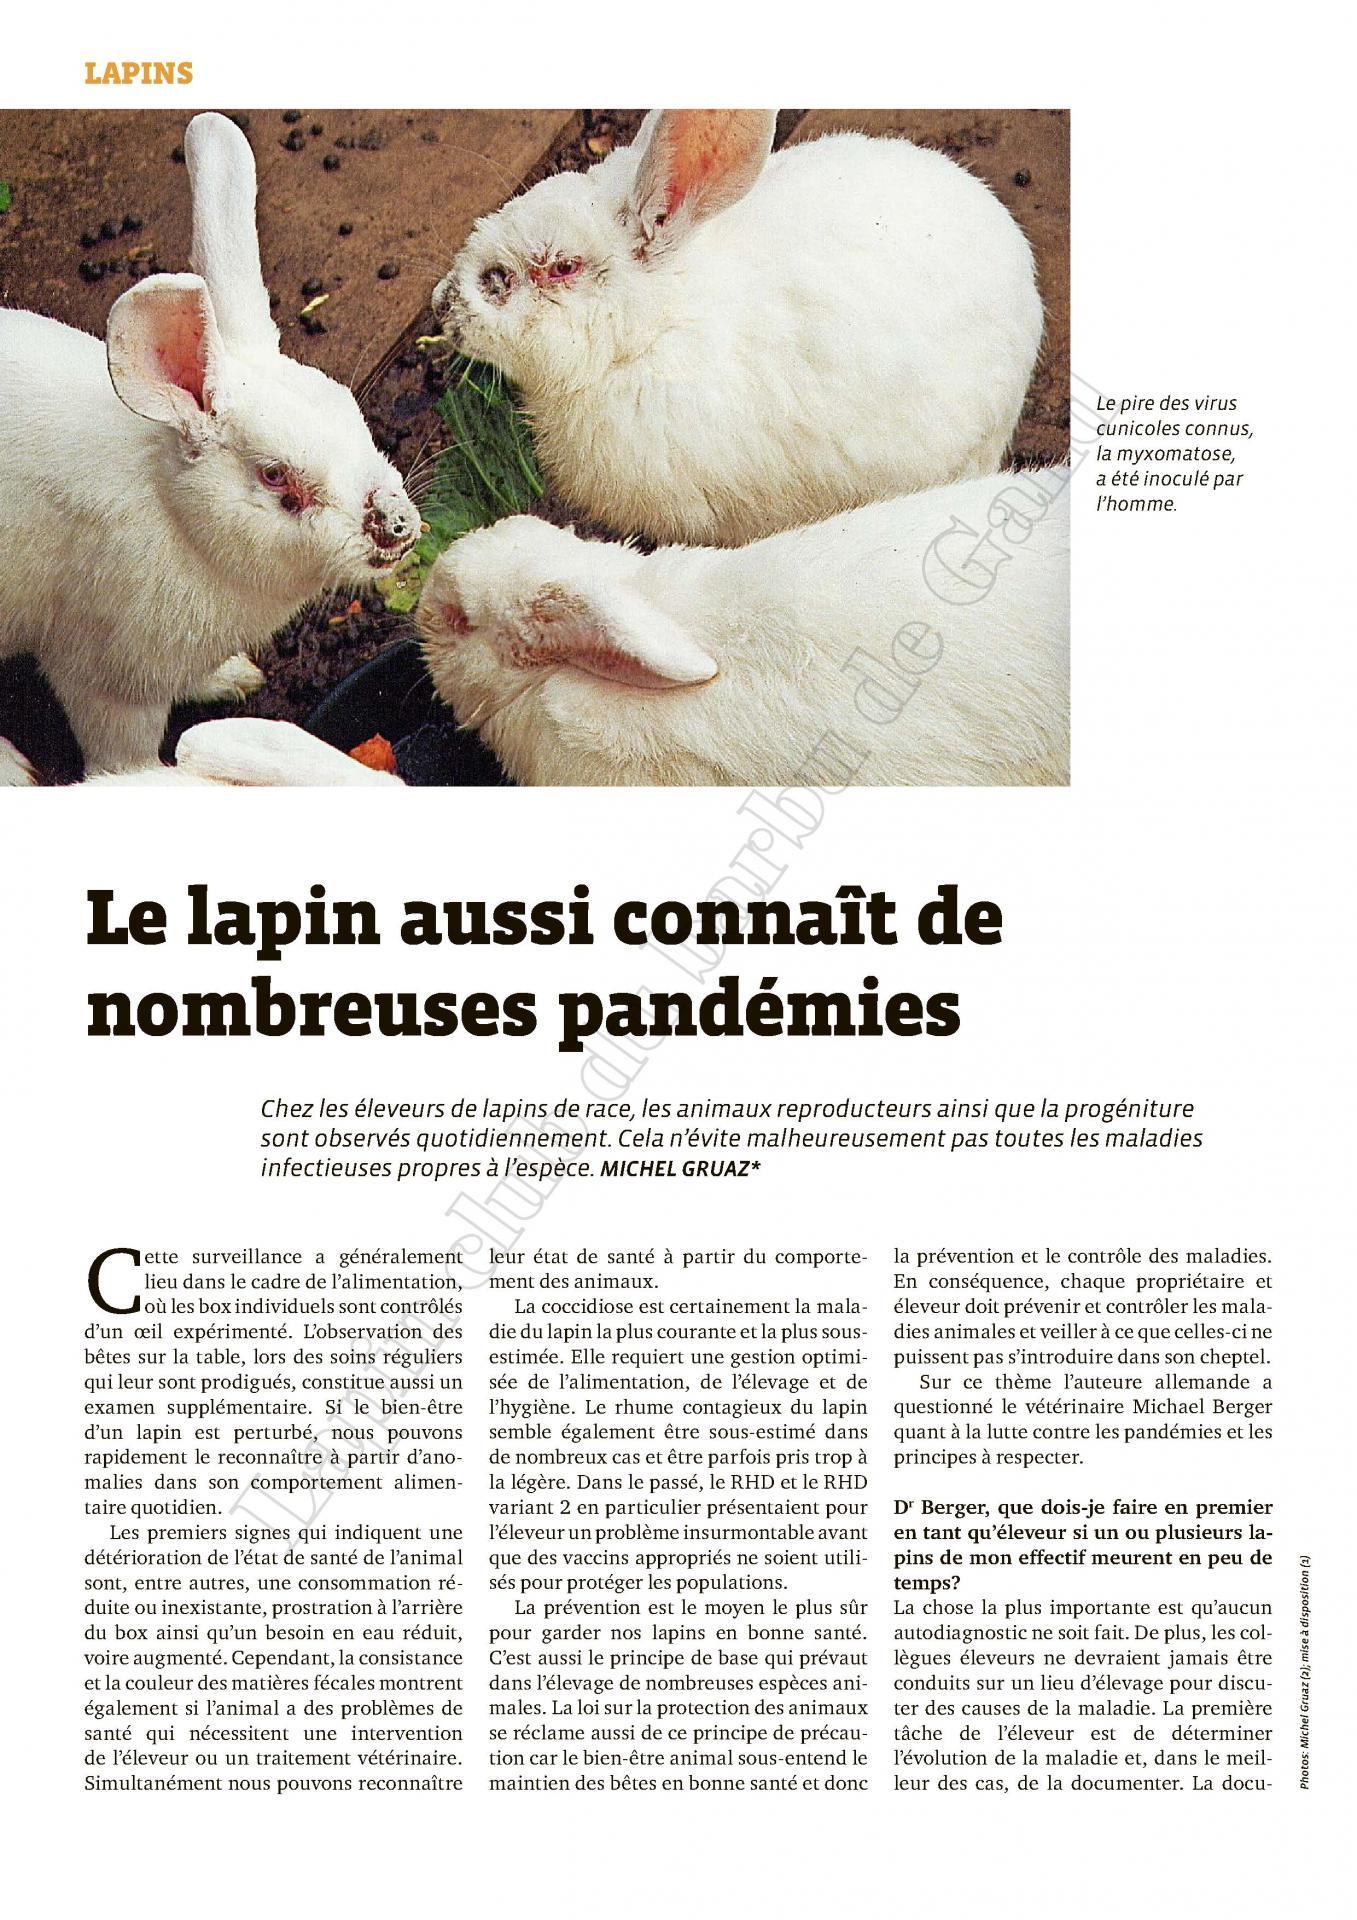 Le lapin aussi connait de nombreuses pandemies 1